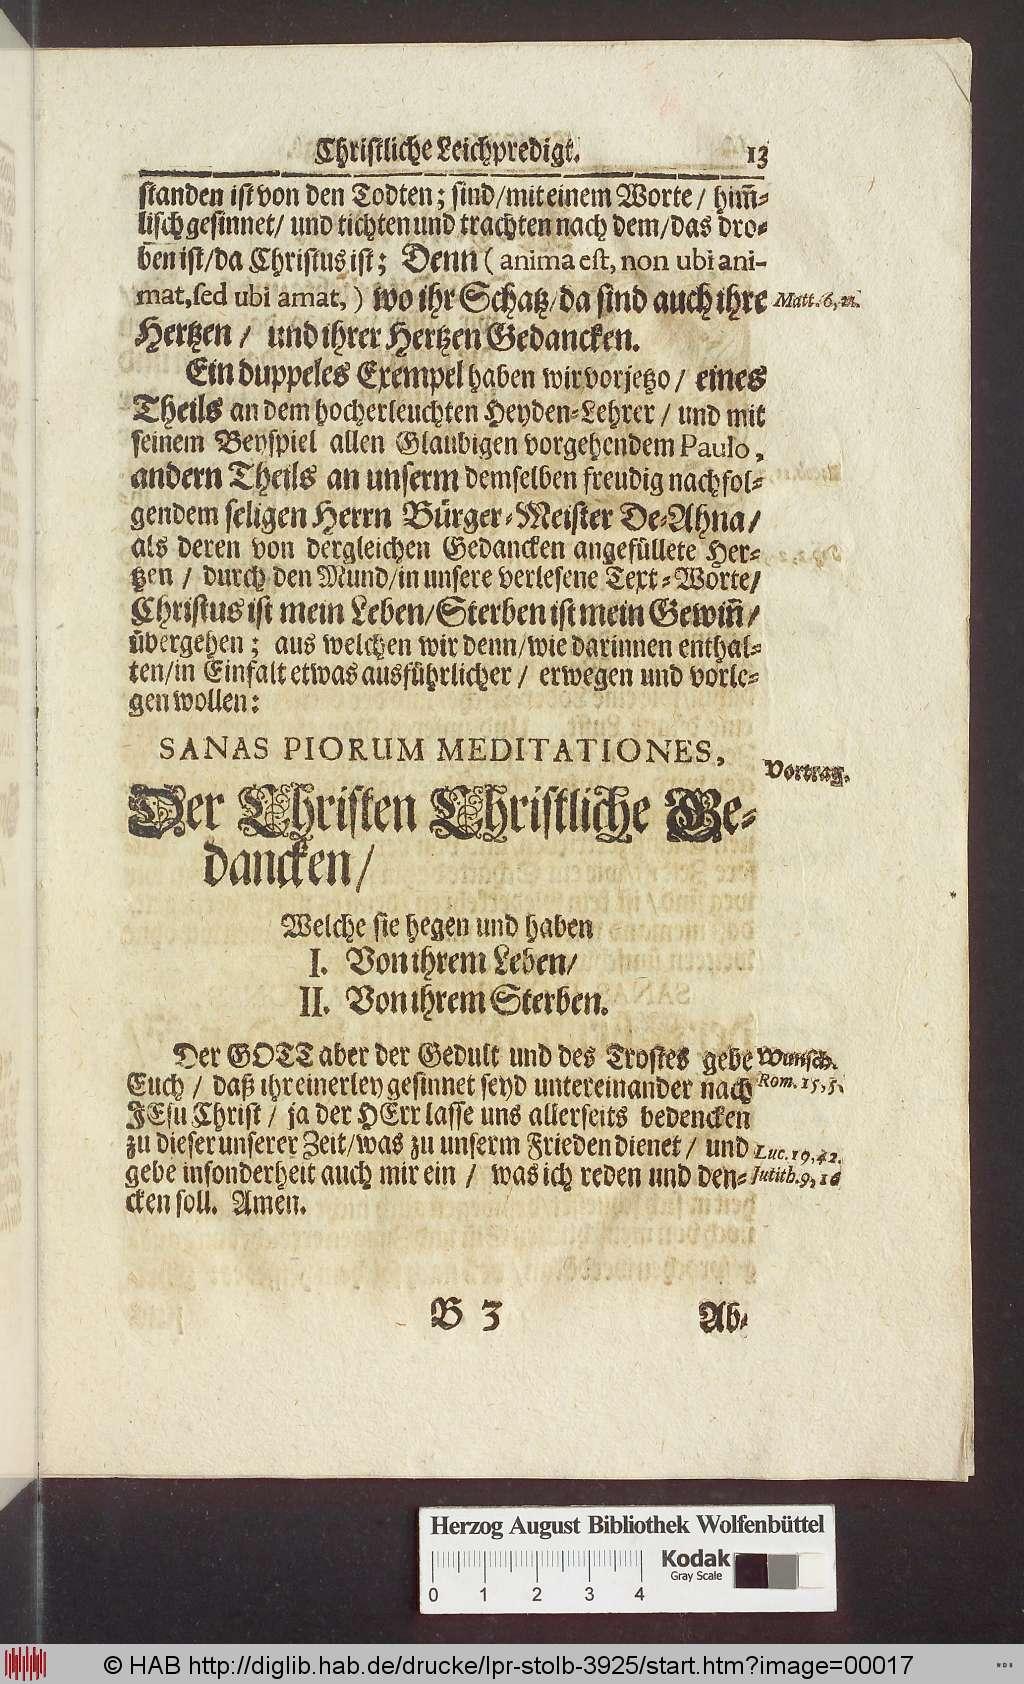 http://diglib.hab.de/drucke/lpr-stolb-3925/00017.jpg